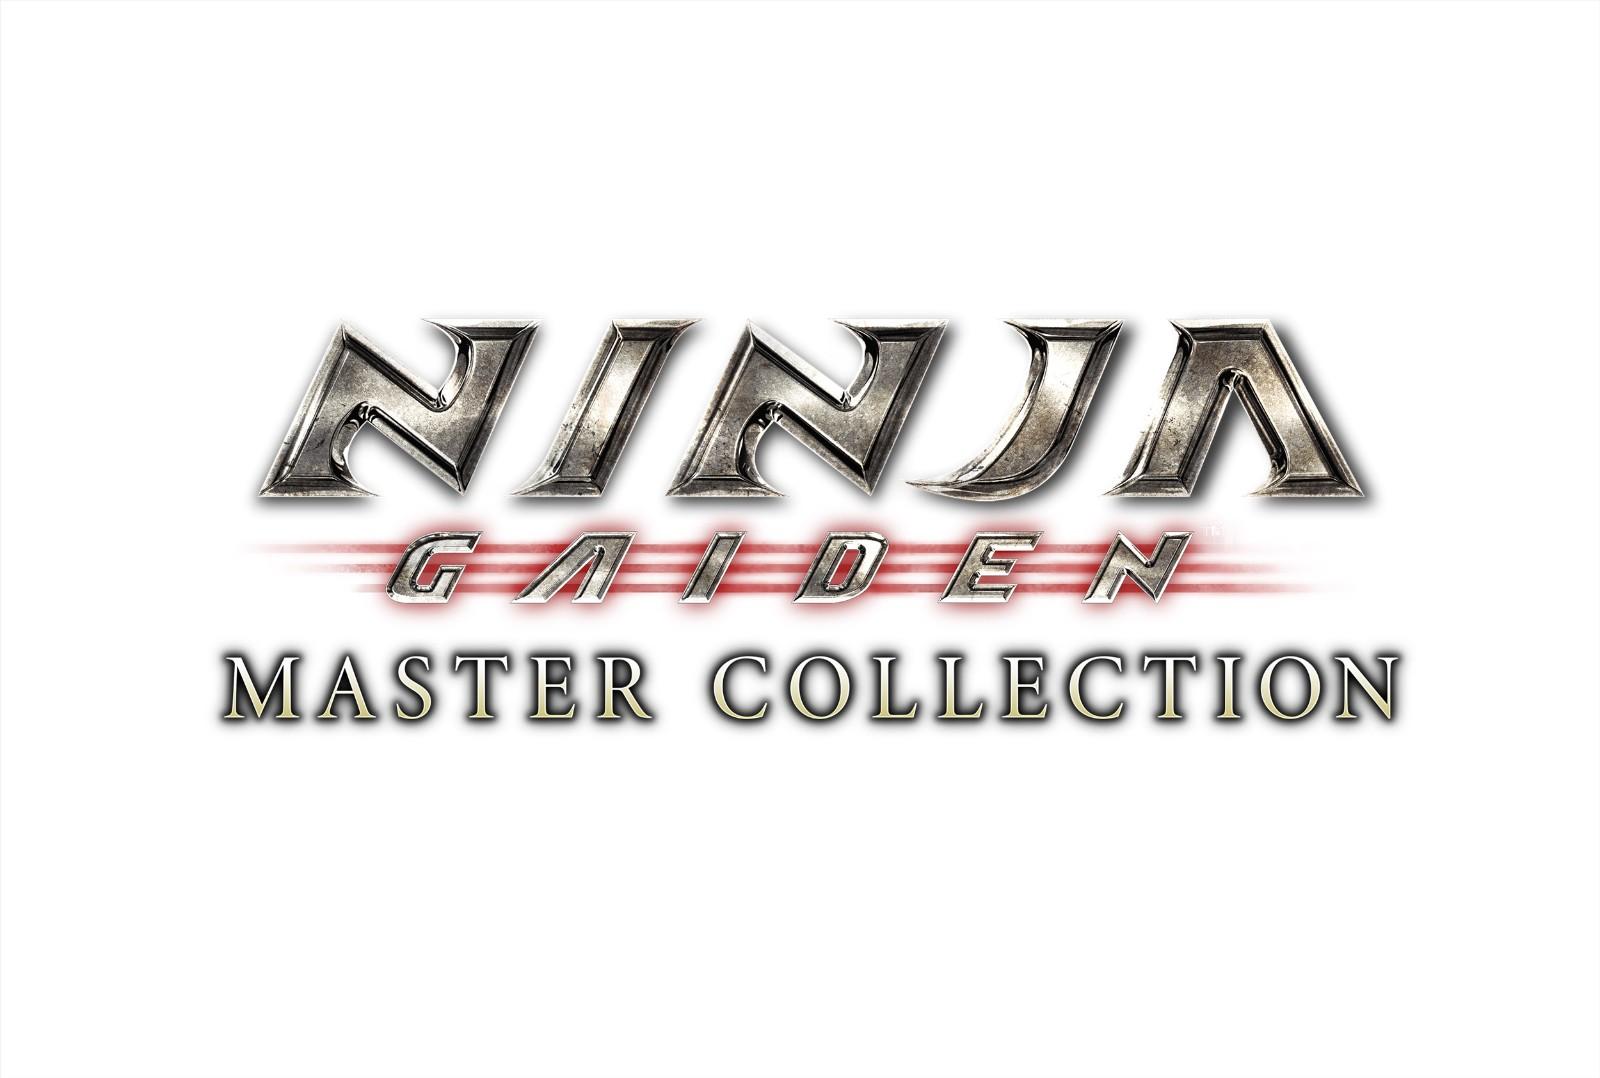 《忍者龙剑传:大师合集》中文版宣传片 中文官网上线